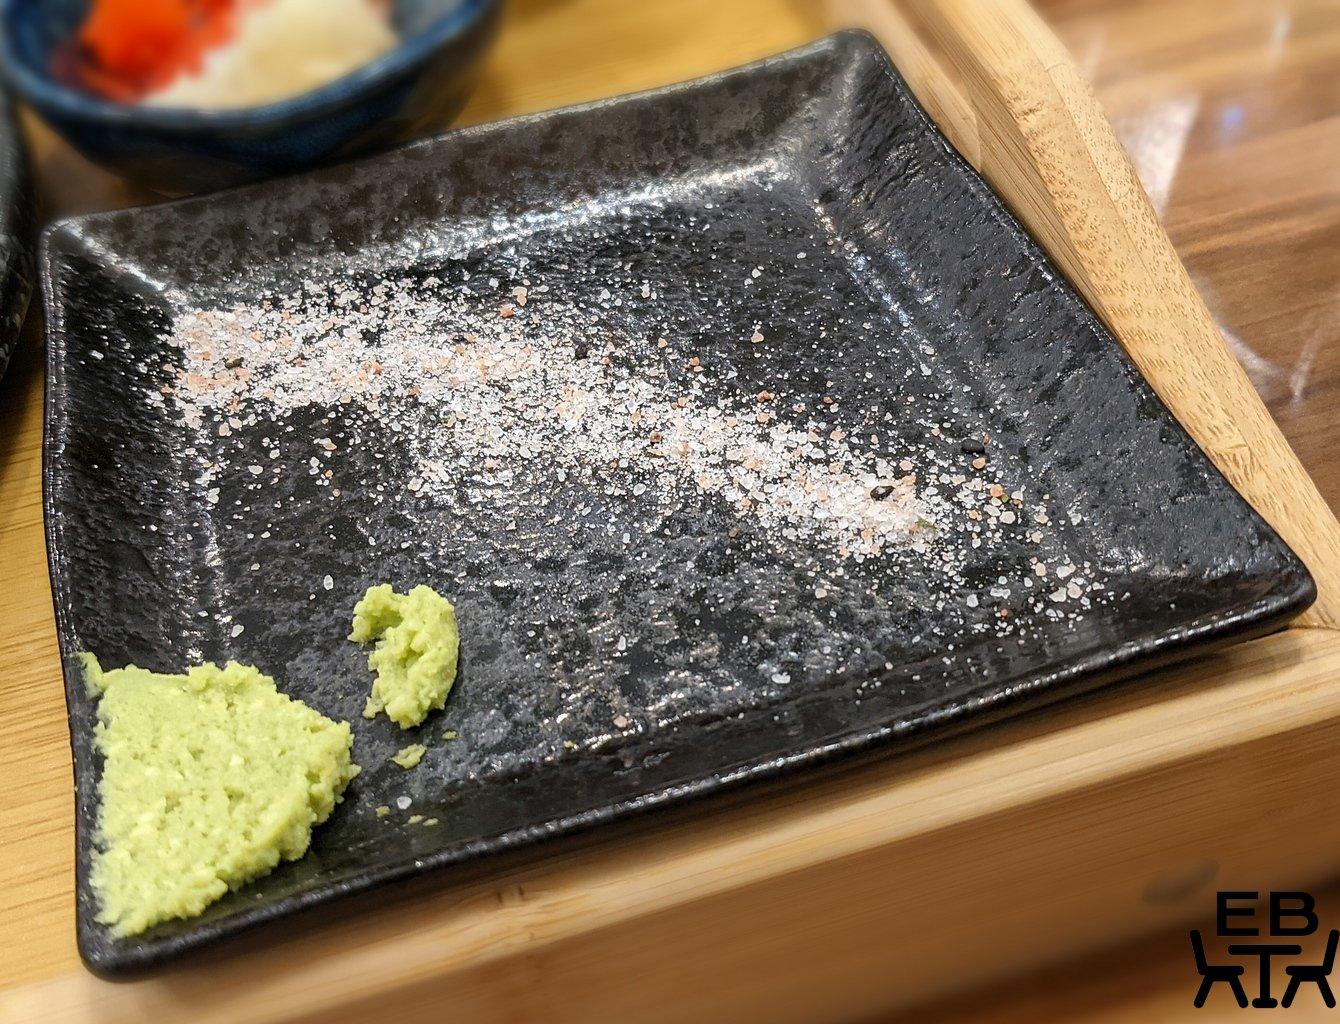 katsuco salt